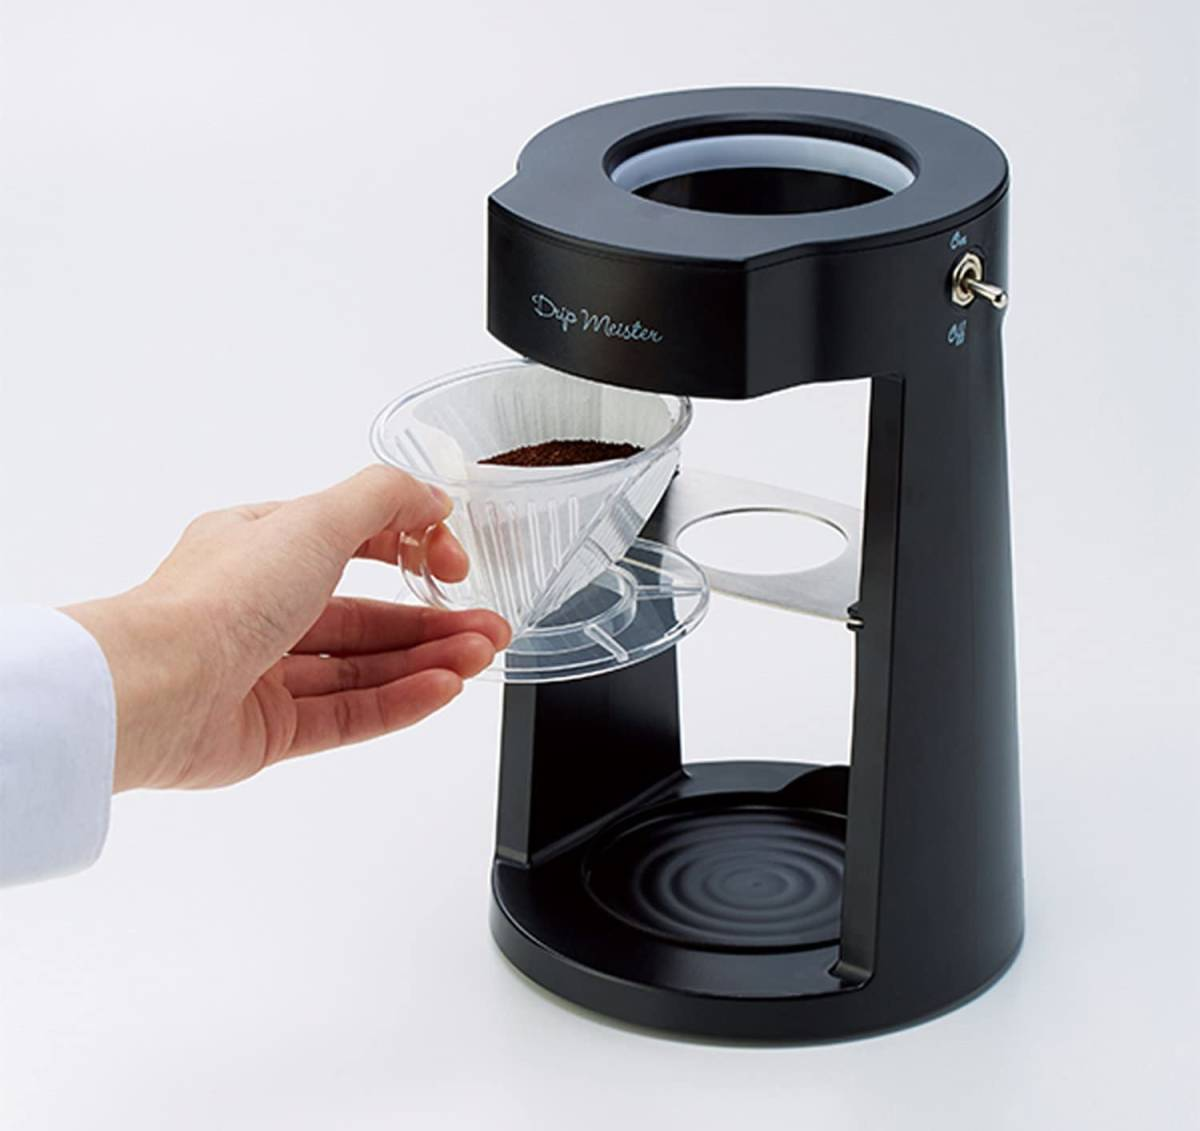 新品 送料無料 メーカー保証有 アピックス APIX Drip Meister ドリップマスター コーヒーメーカー ホワイト 白 ADM-200-WH ハンドドリップ